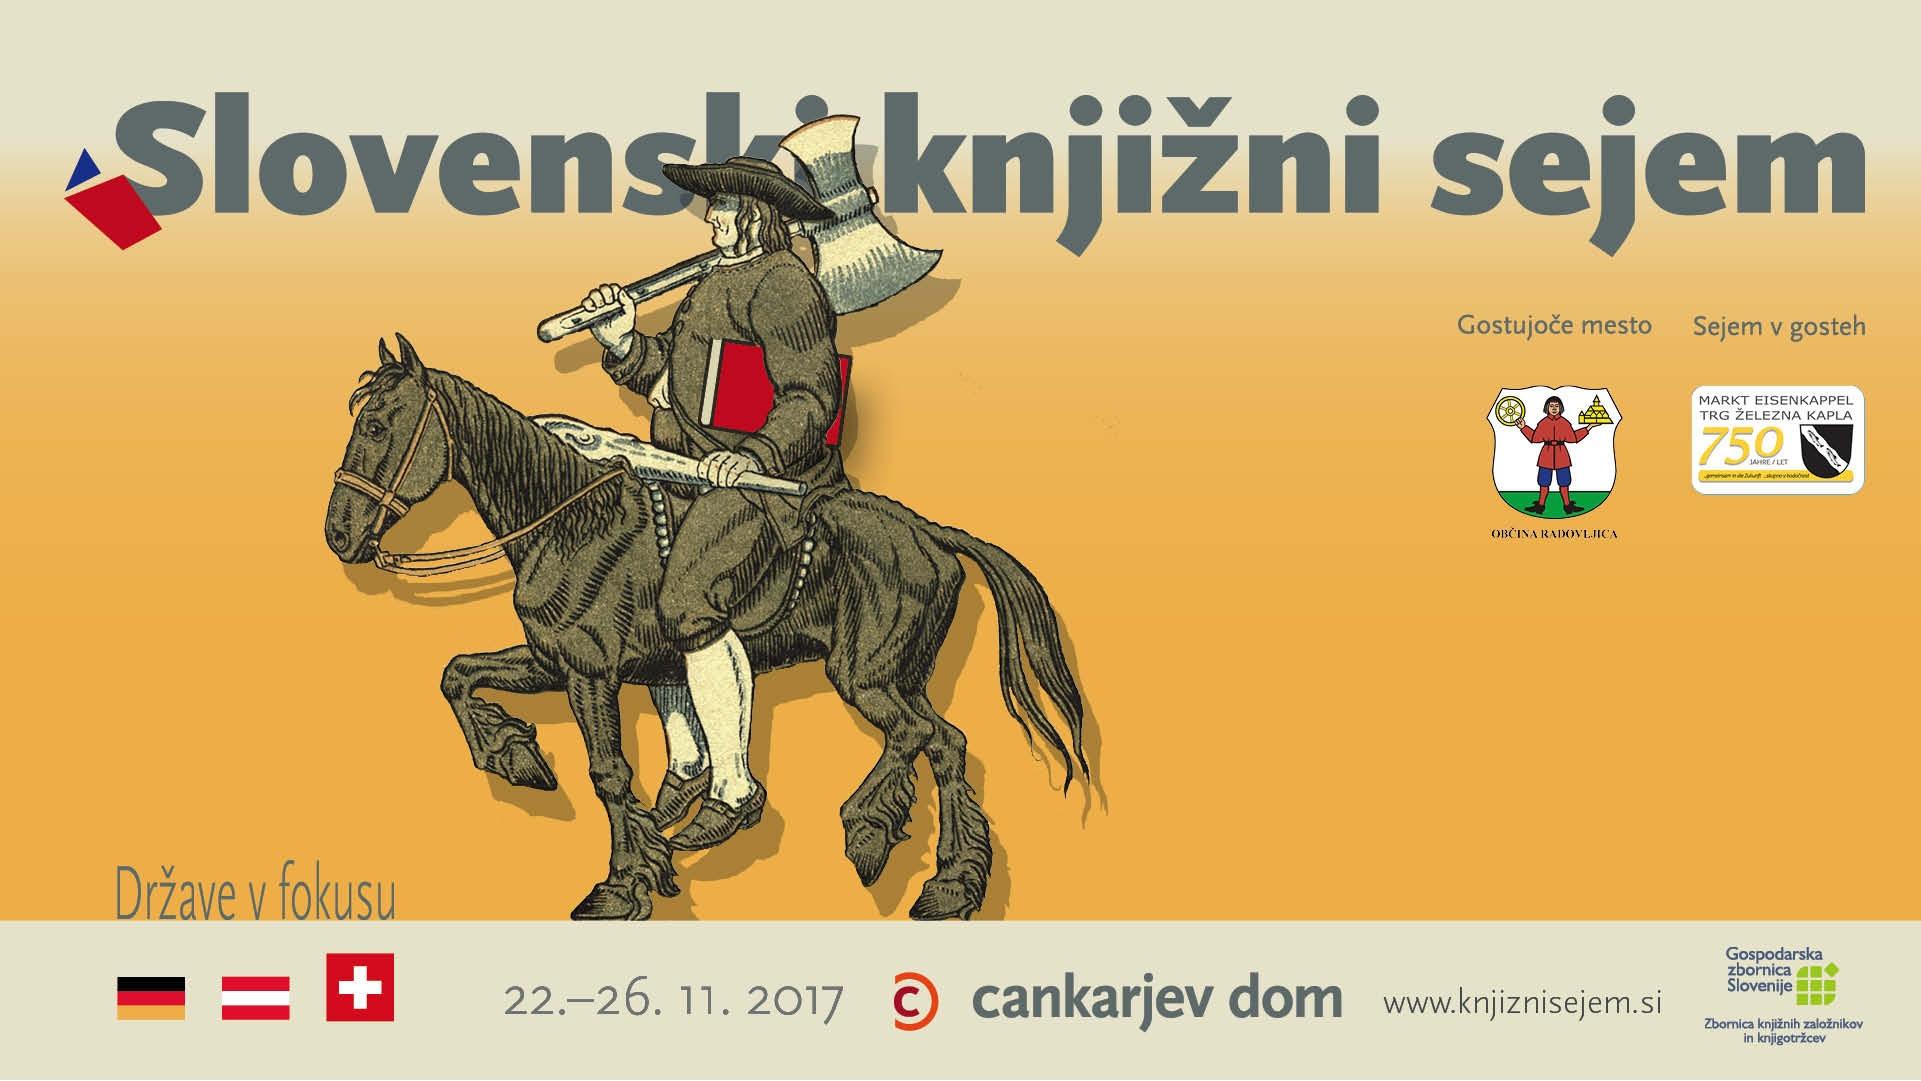 Slovenski knjižni sejem 2017